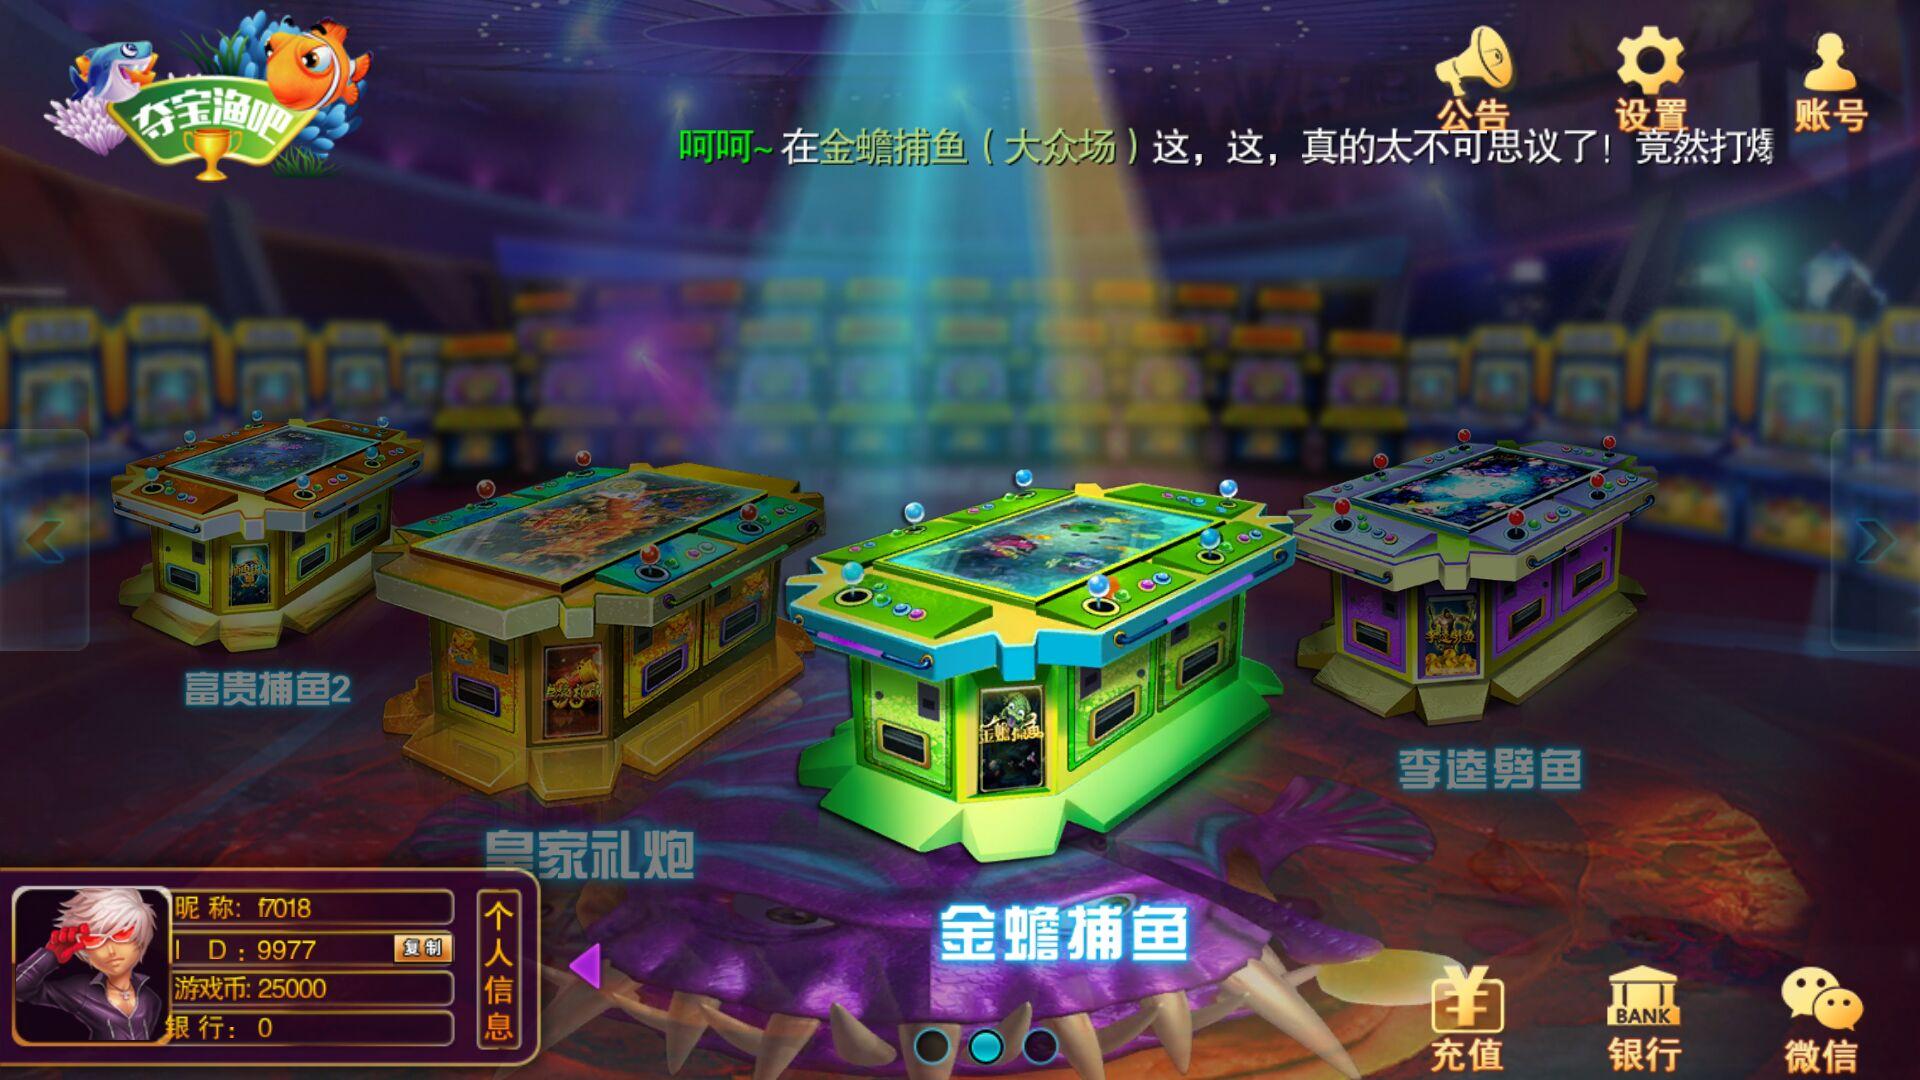 富贵电玩2代 海王2 富贵电玩修复版 修复微信登录 完美控制插图(1)